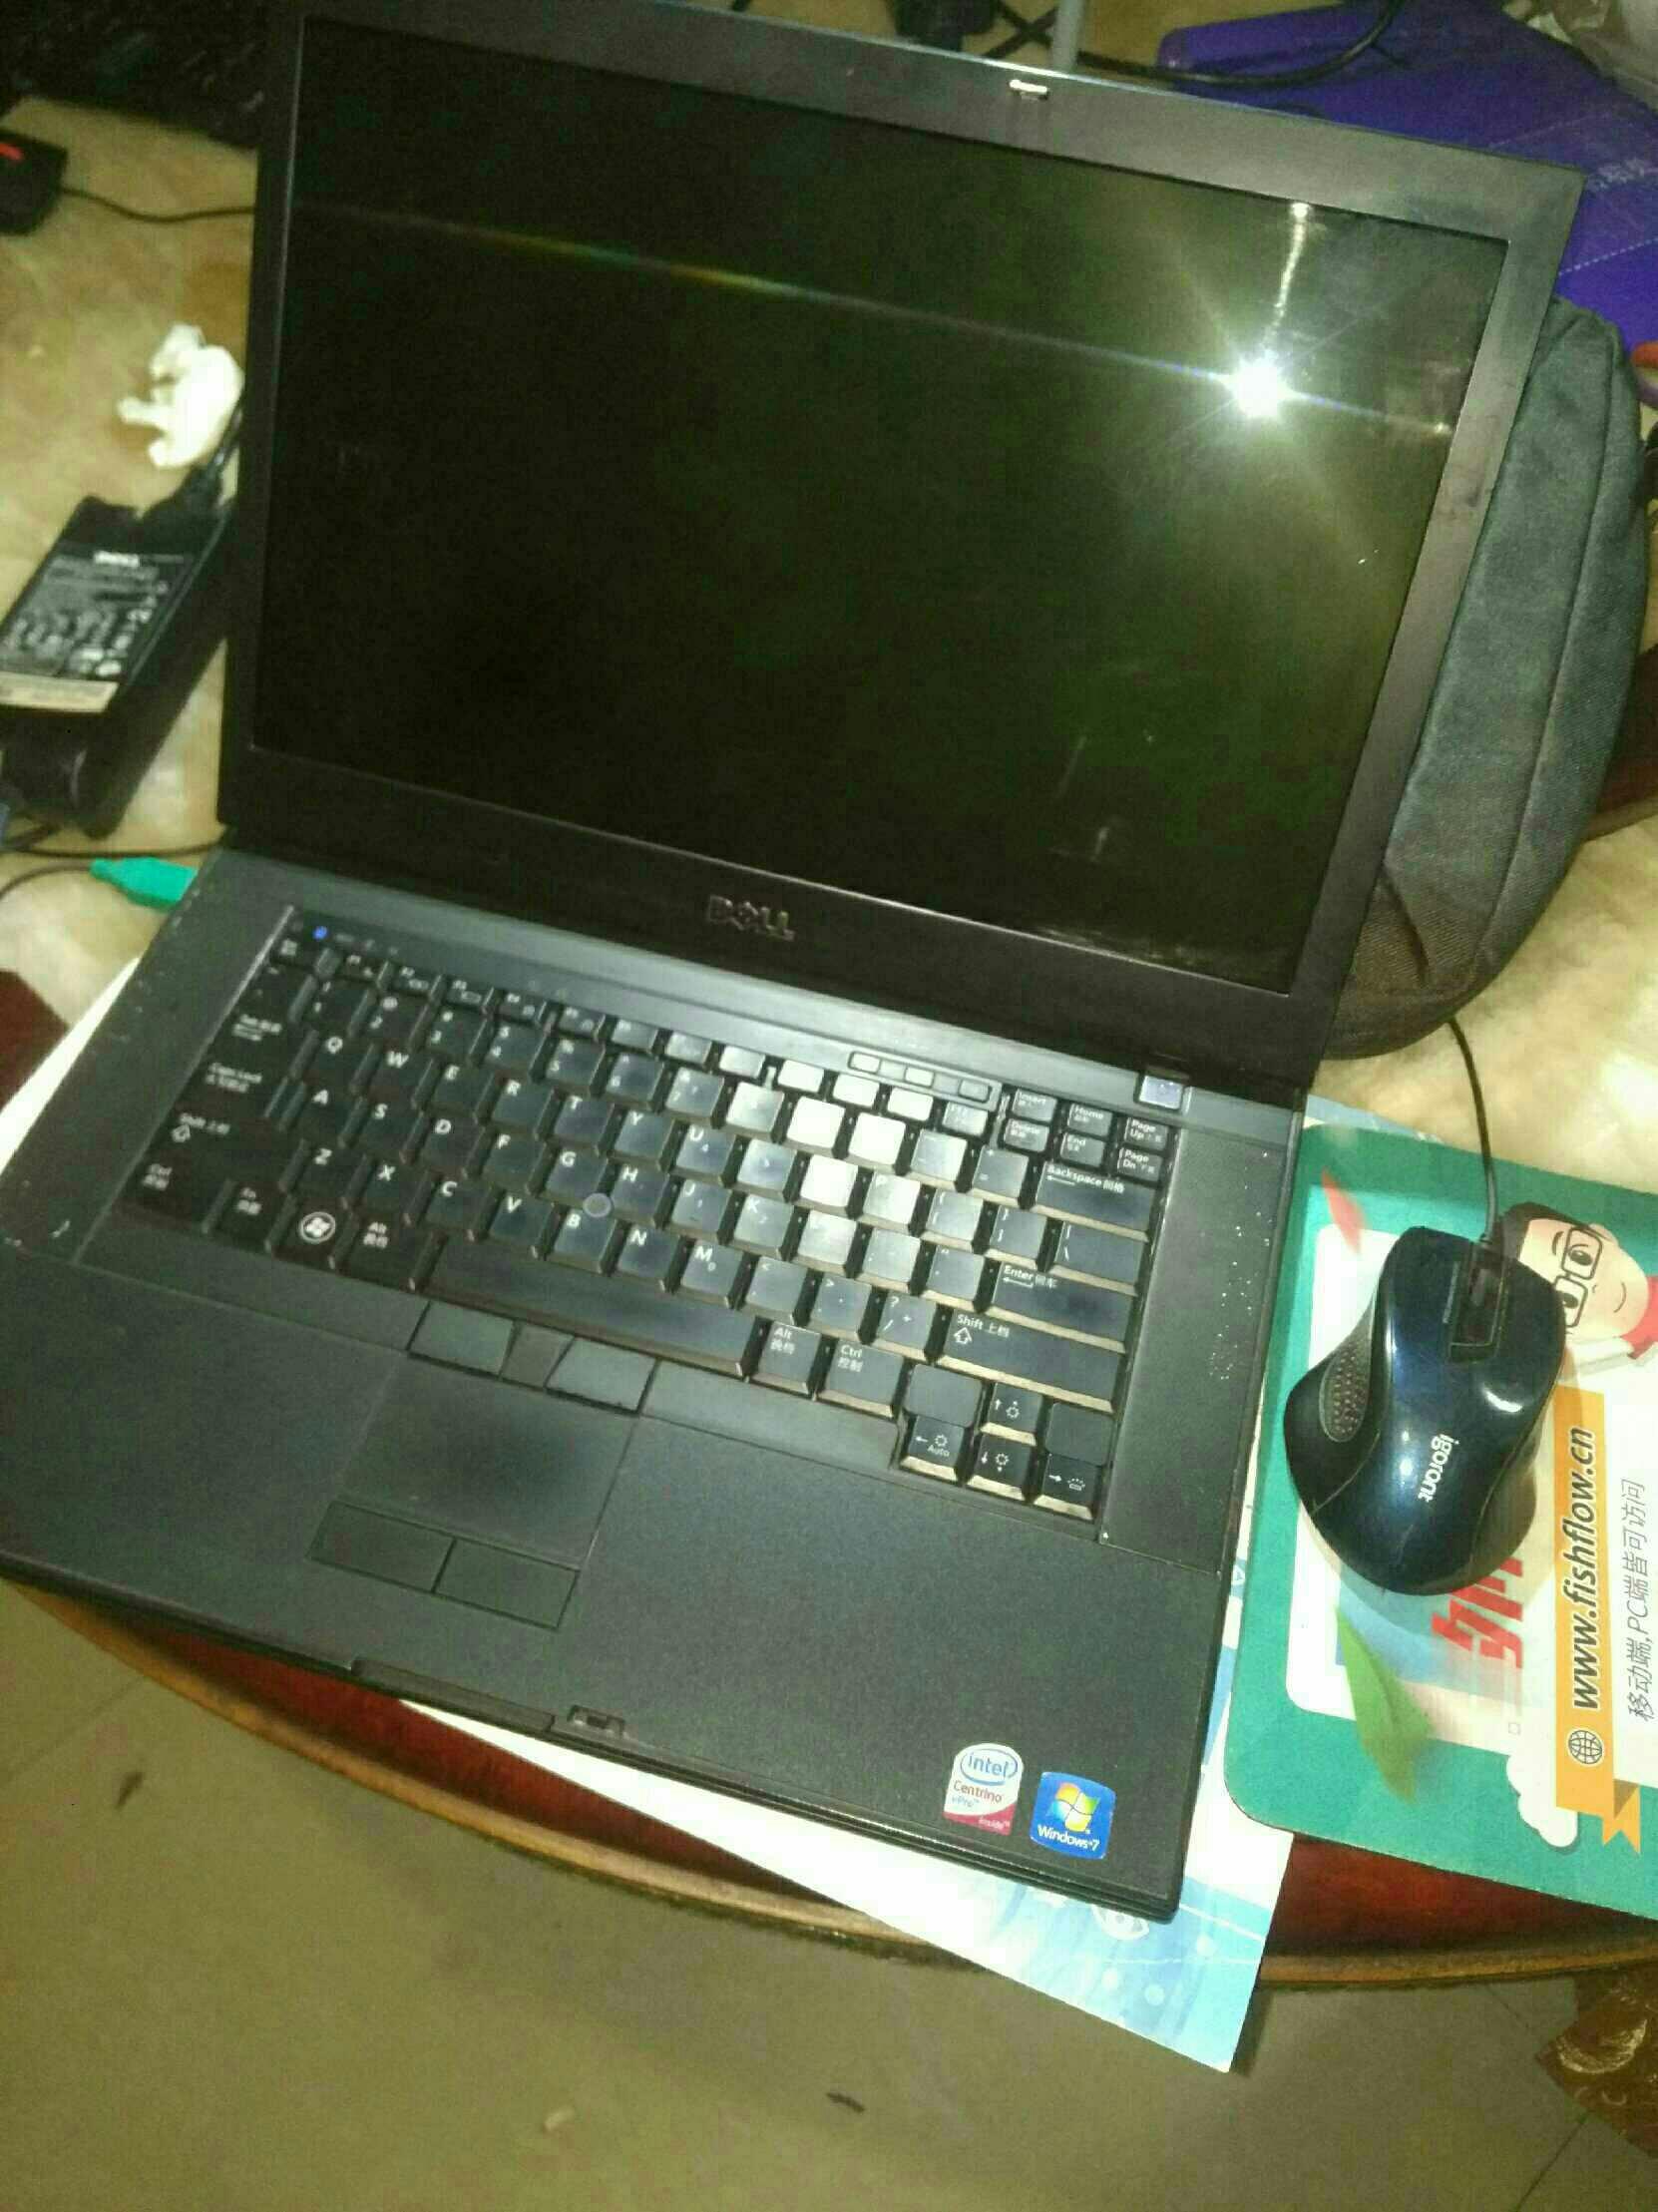 戴尔笔记本电脑E6500全套转让送电脑包鼠标  戴尔笔记本电